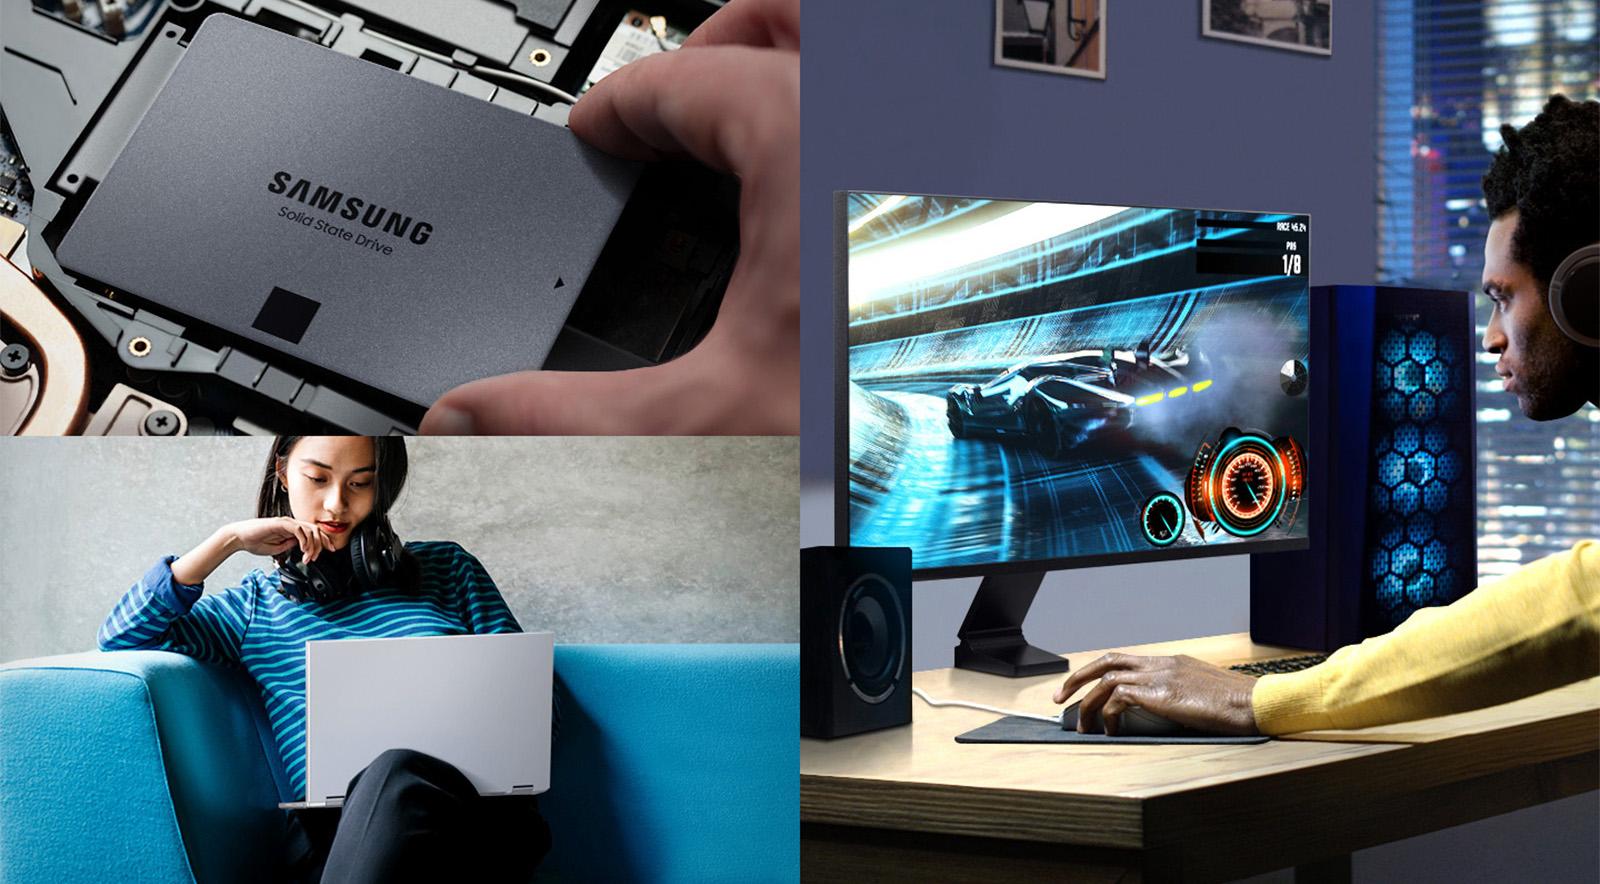 Nâng cấp lên Samsung 870 QVO 1TB giờ đây dễ dàng